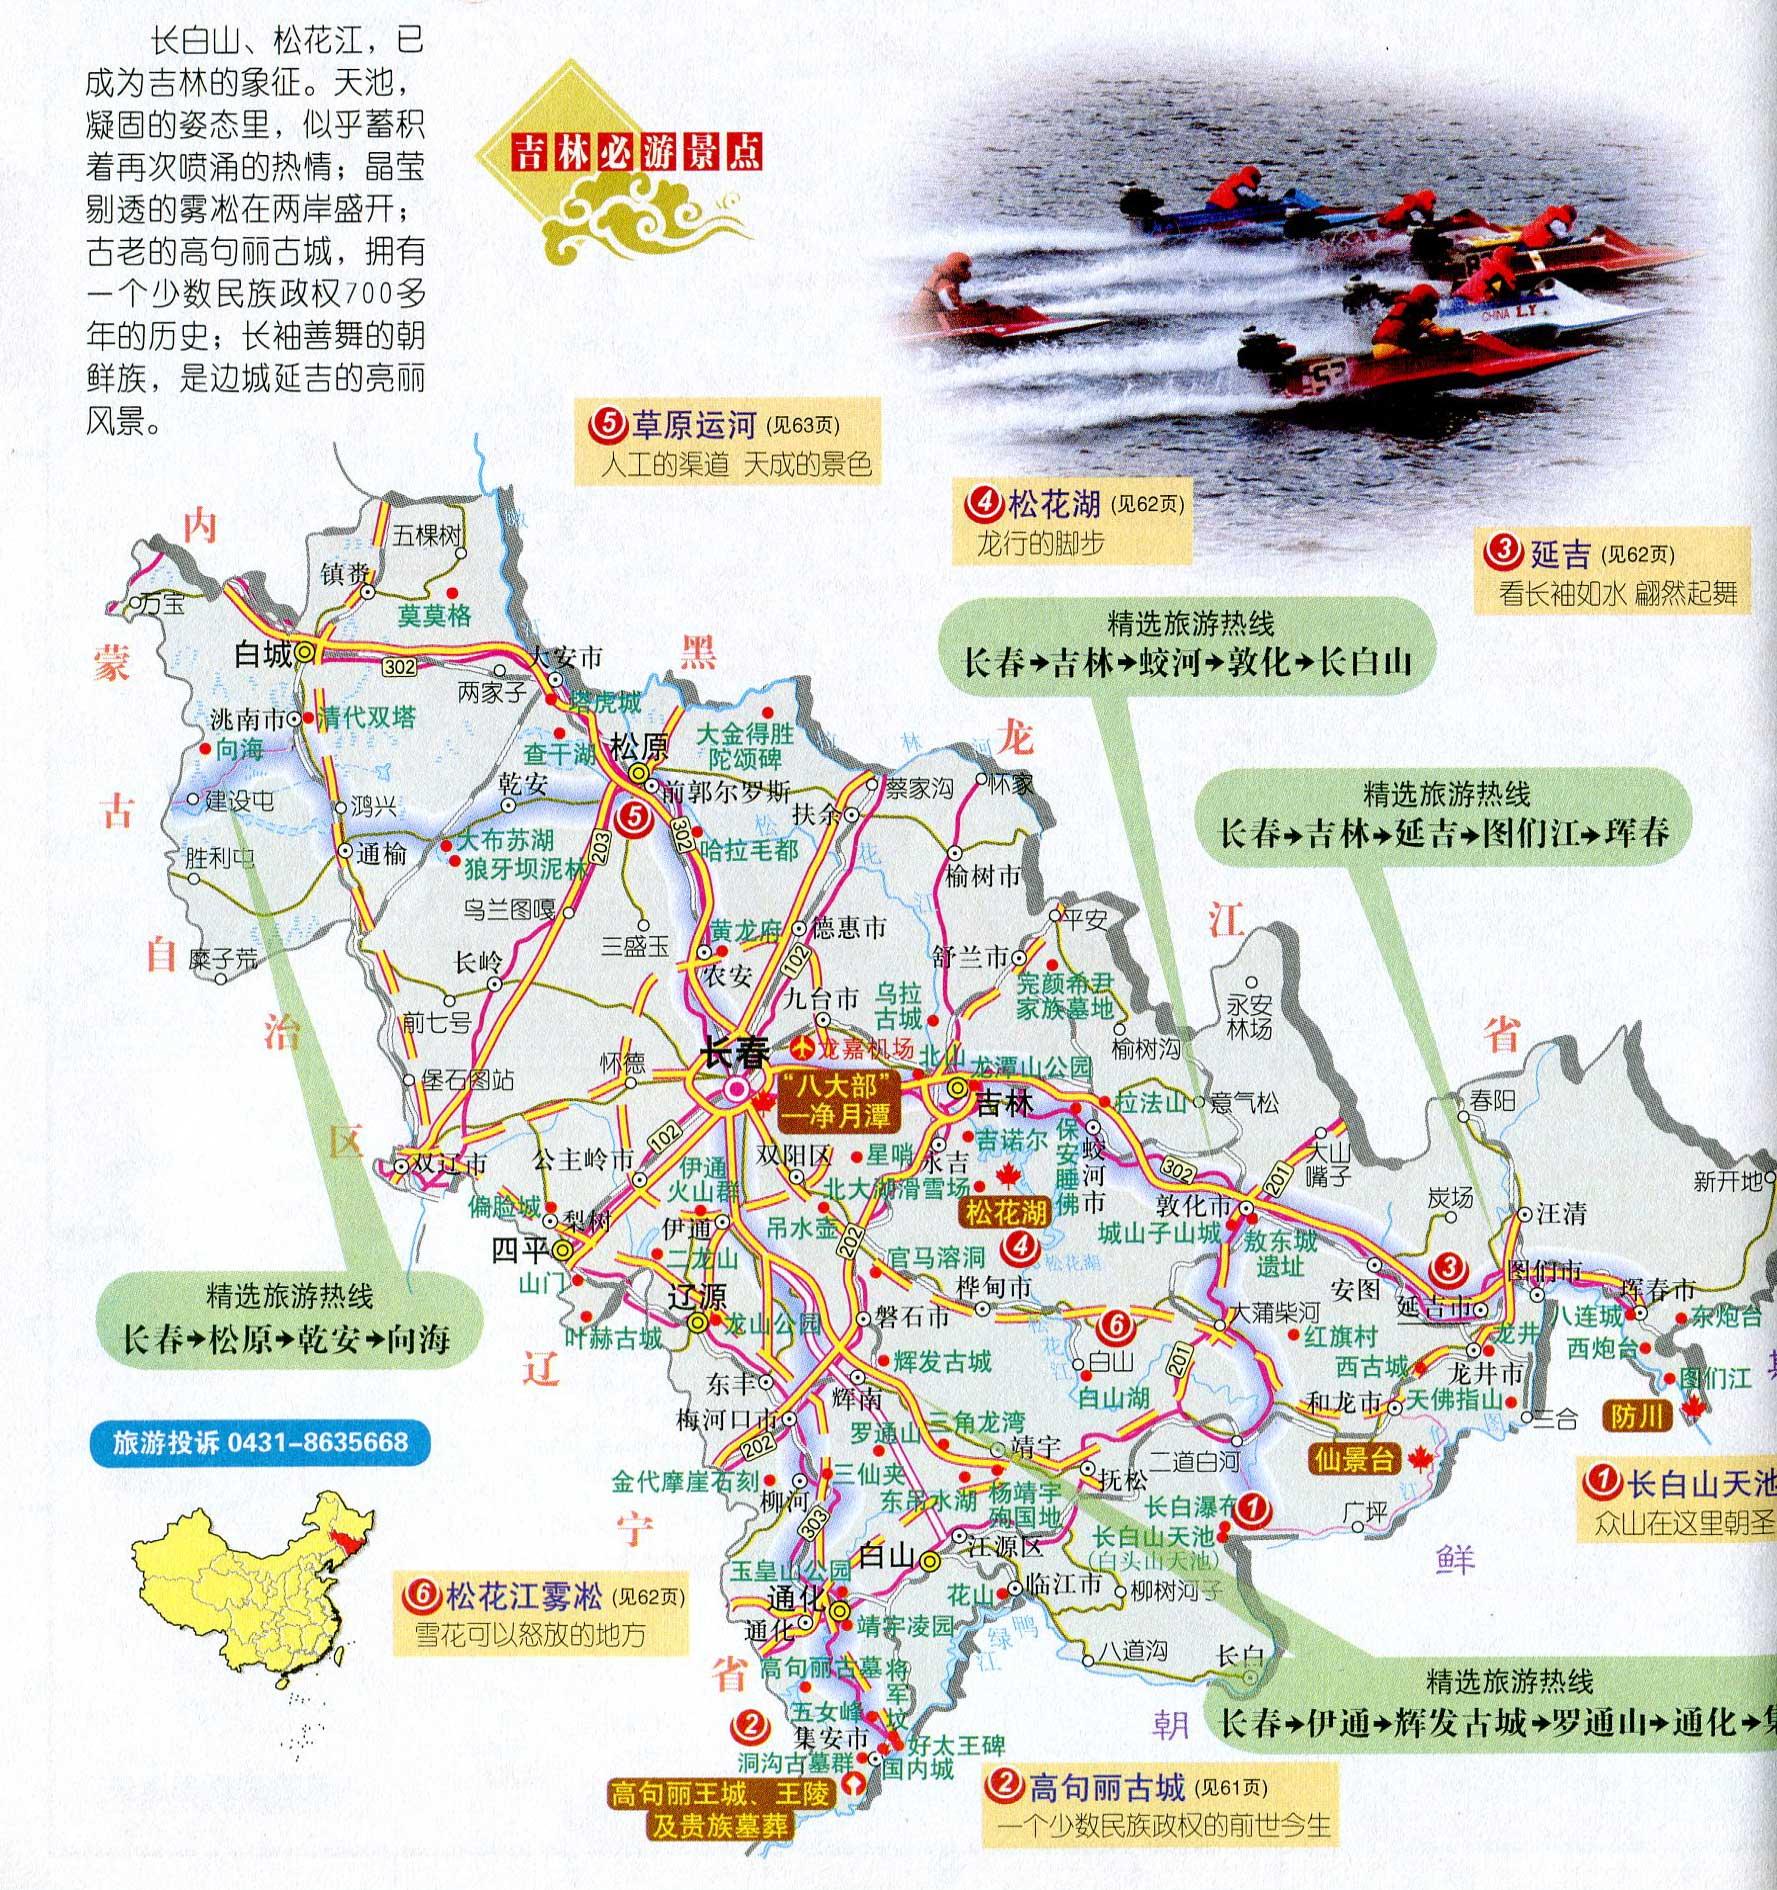 地图库 中国地图 专题 必游景点 >> 吉林必游旅游景点